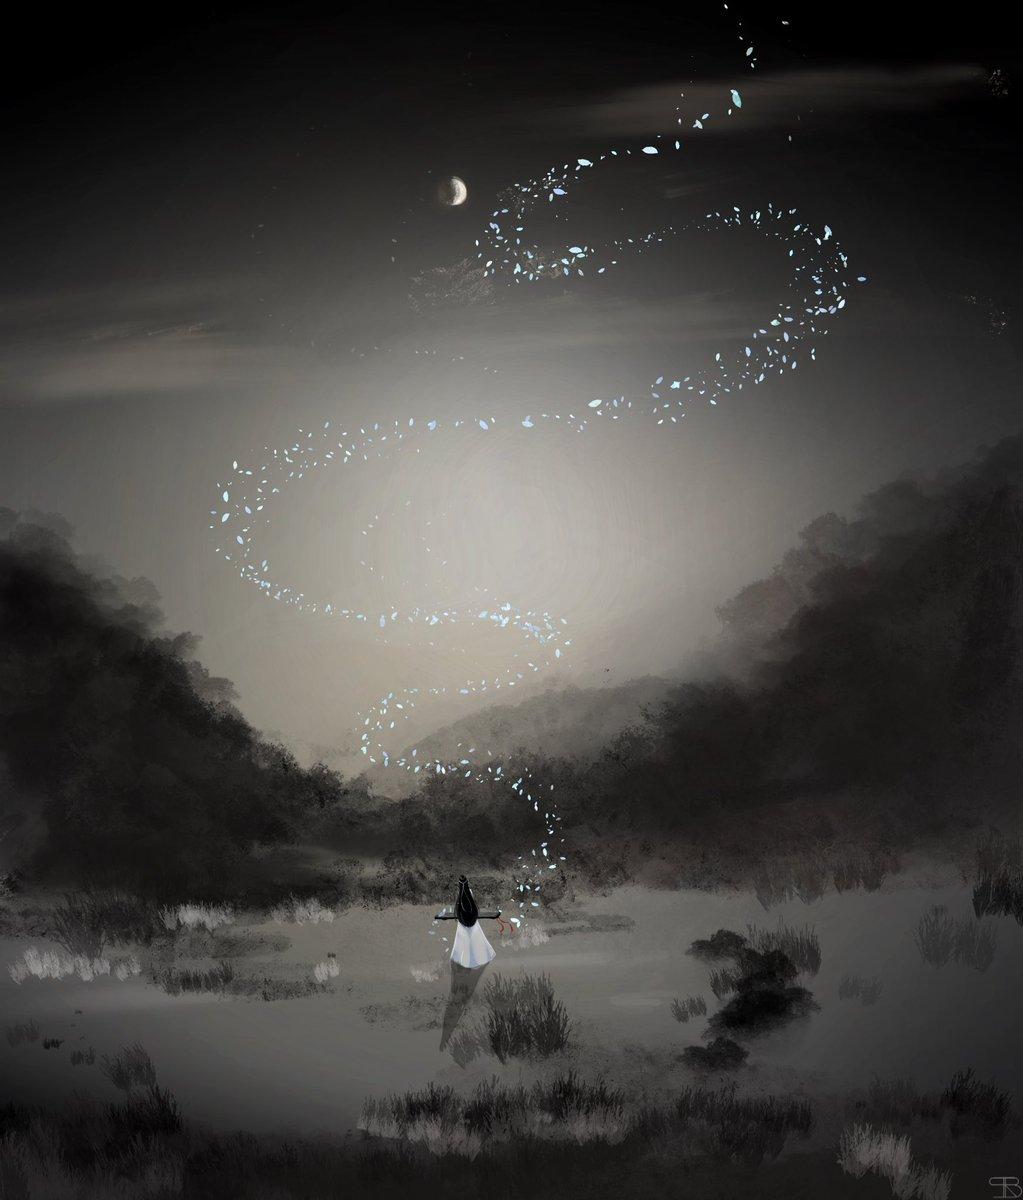 longing for you  #wangxian #mdzsfanart #MDZS #fanart #drawing #digitalart #TheUntamed